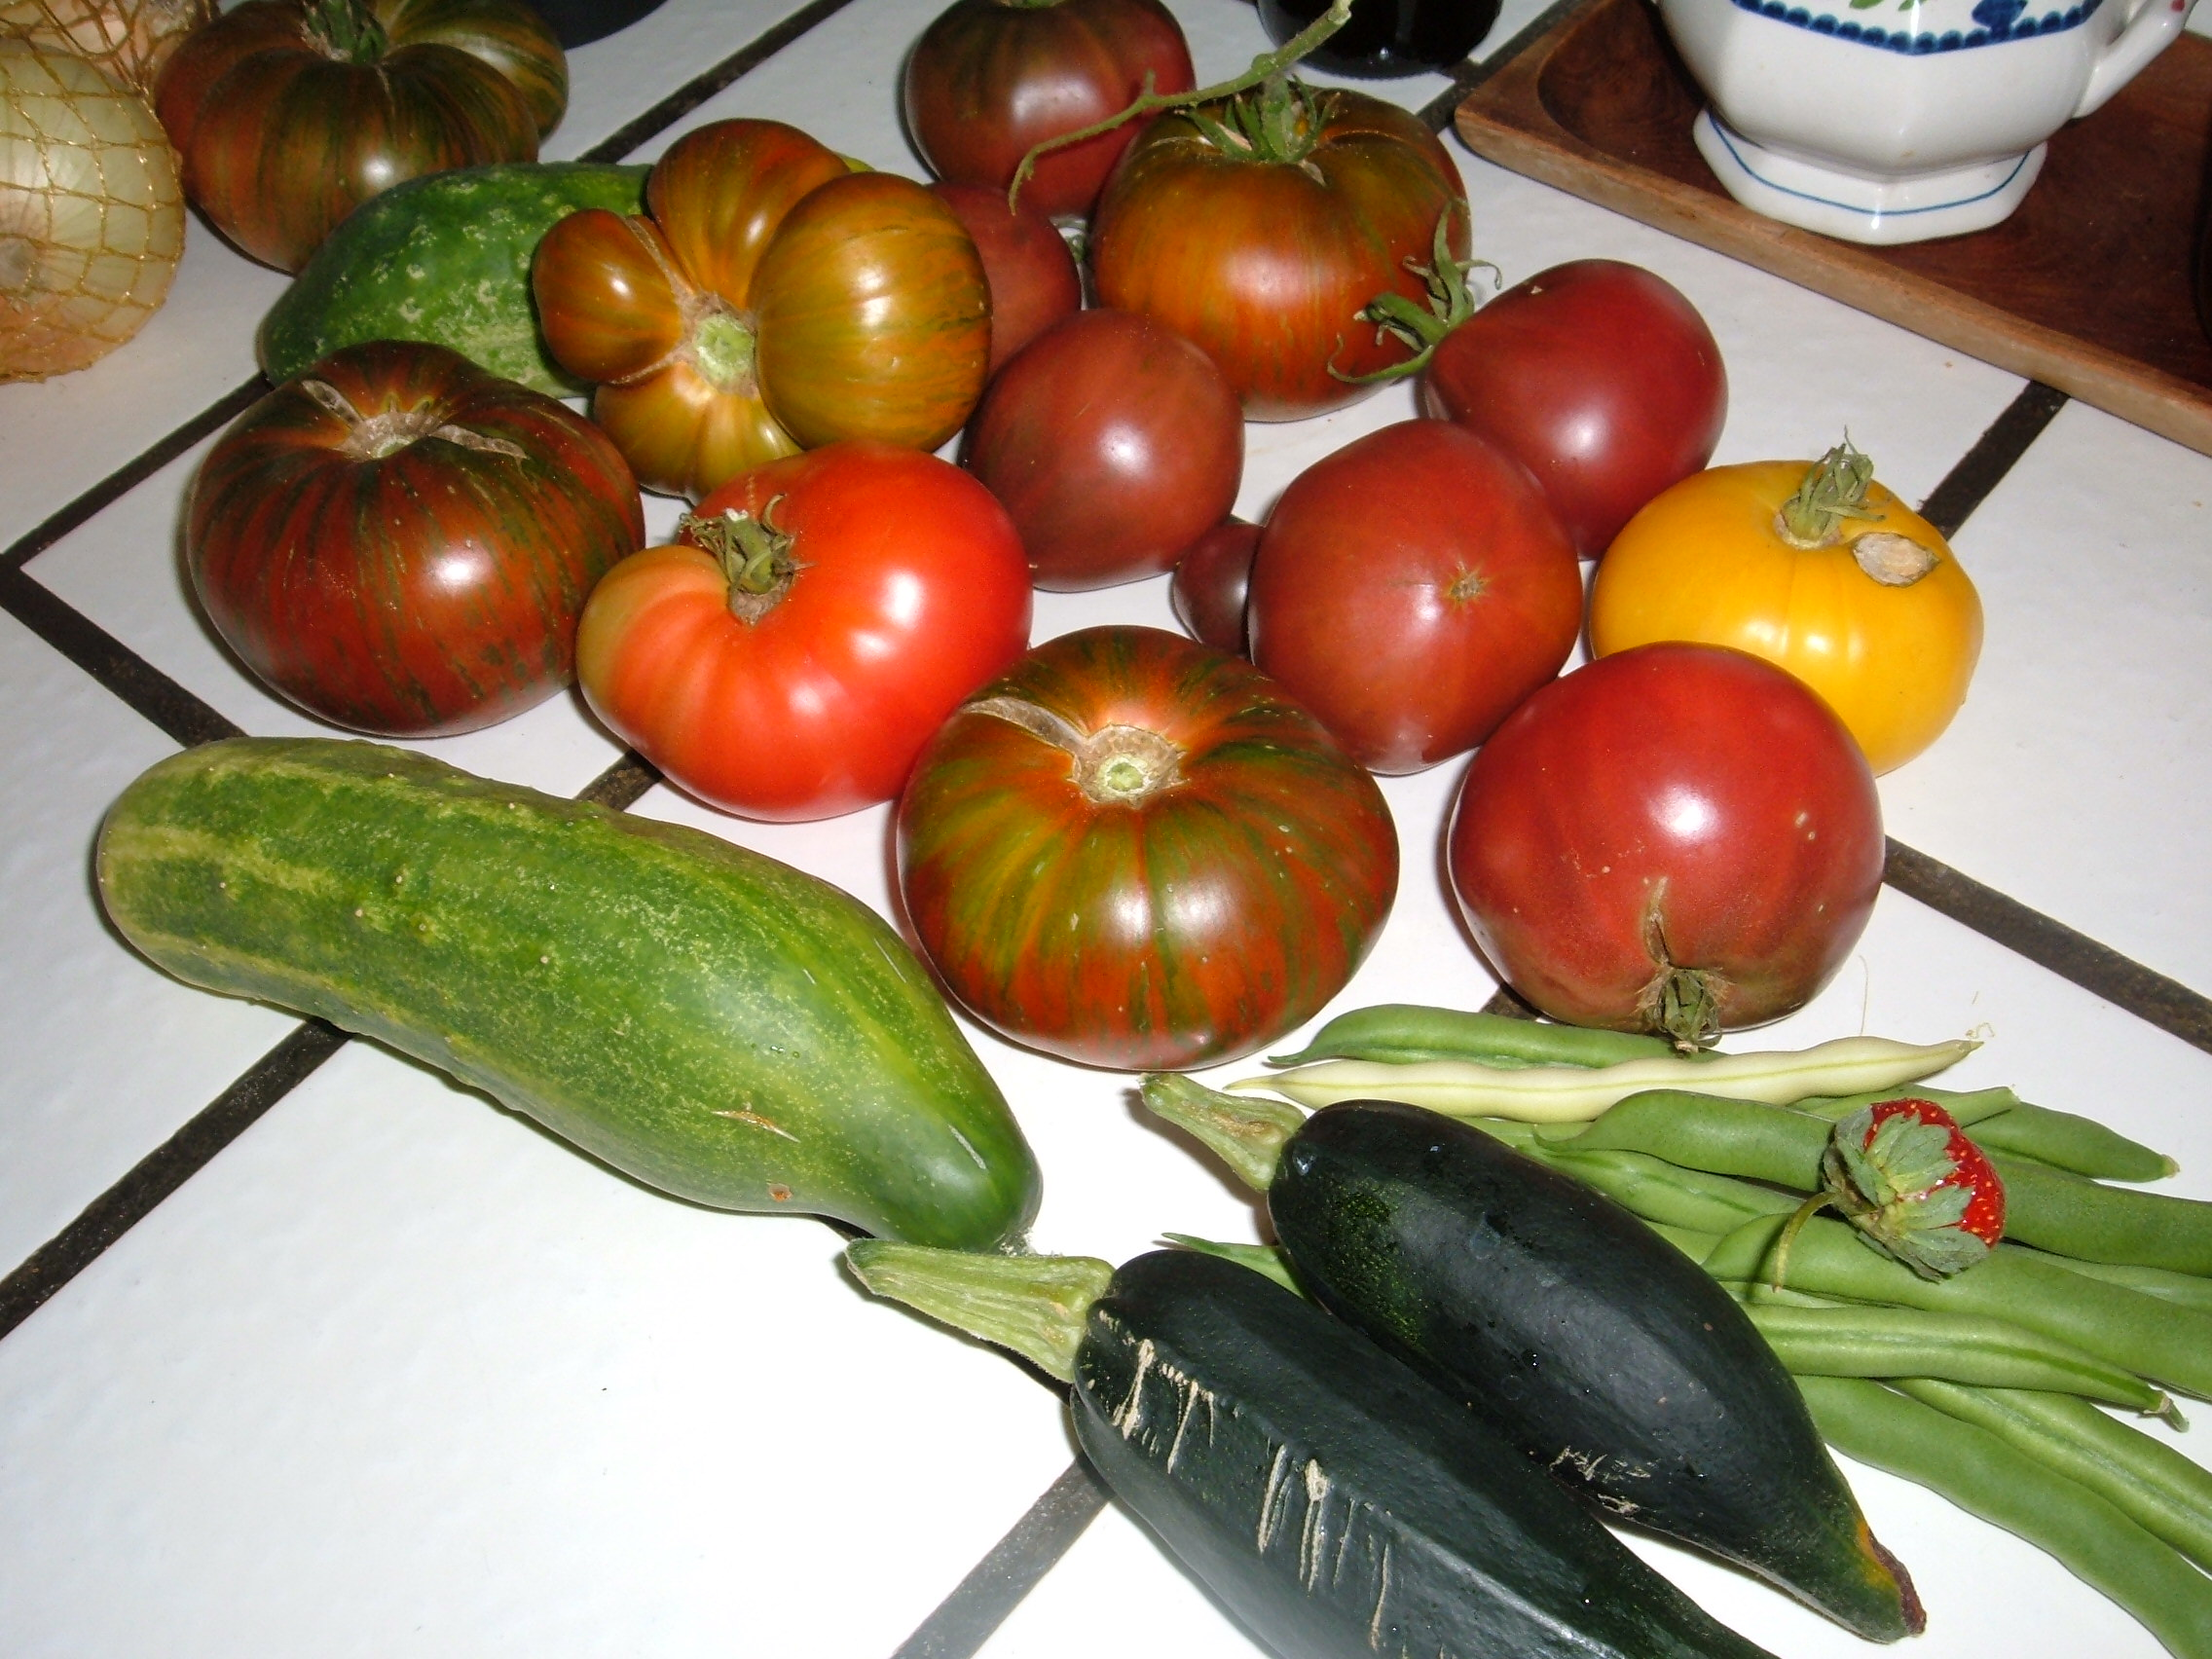 day 98 garden produce